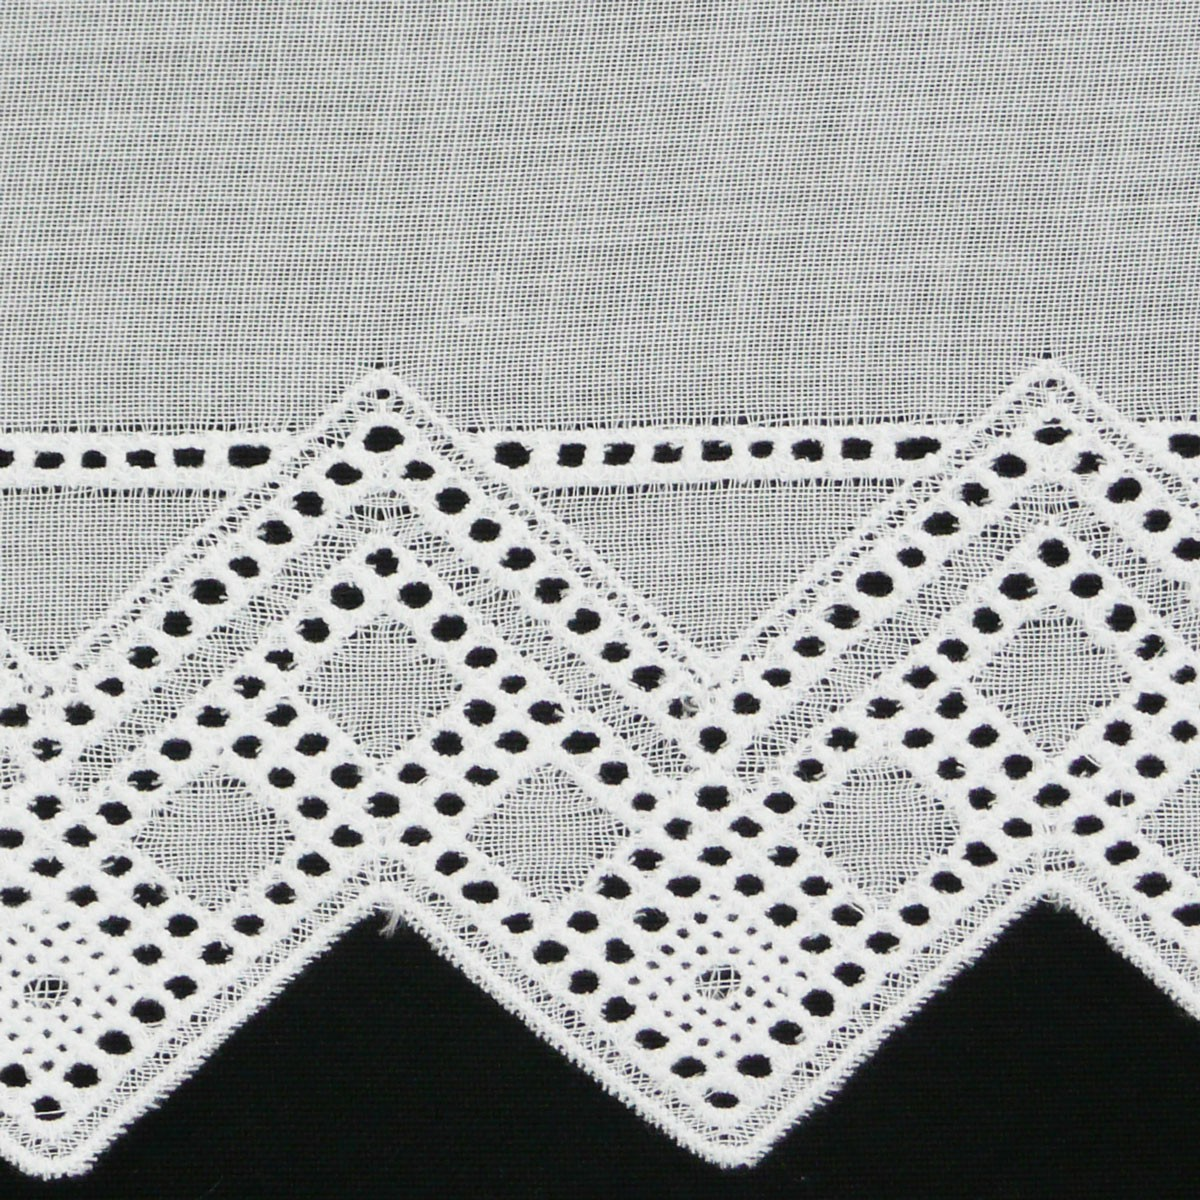 bistrogardine scheibengardine meterware batist wei mit stickerei breite 27cm stoffe wohnstoffe. Black Bedroom Furniture Sets. Home Design Ideas